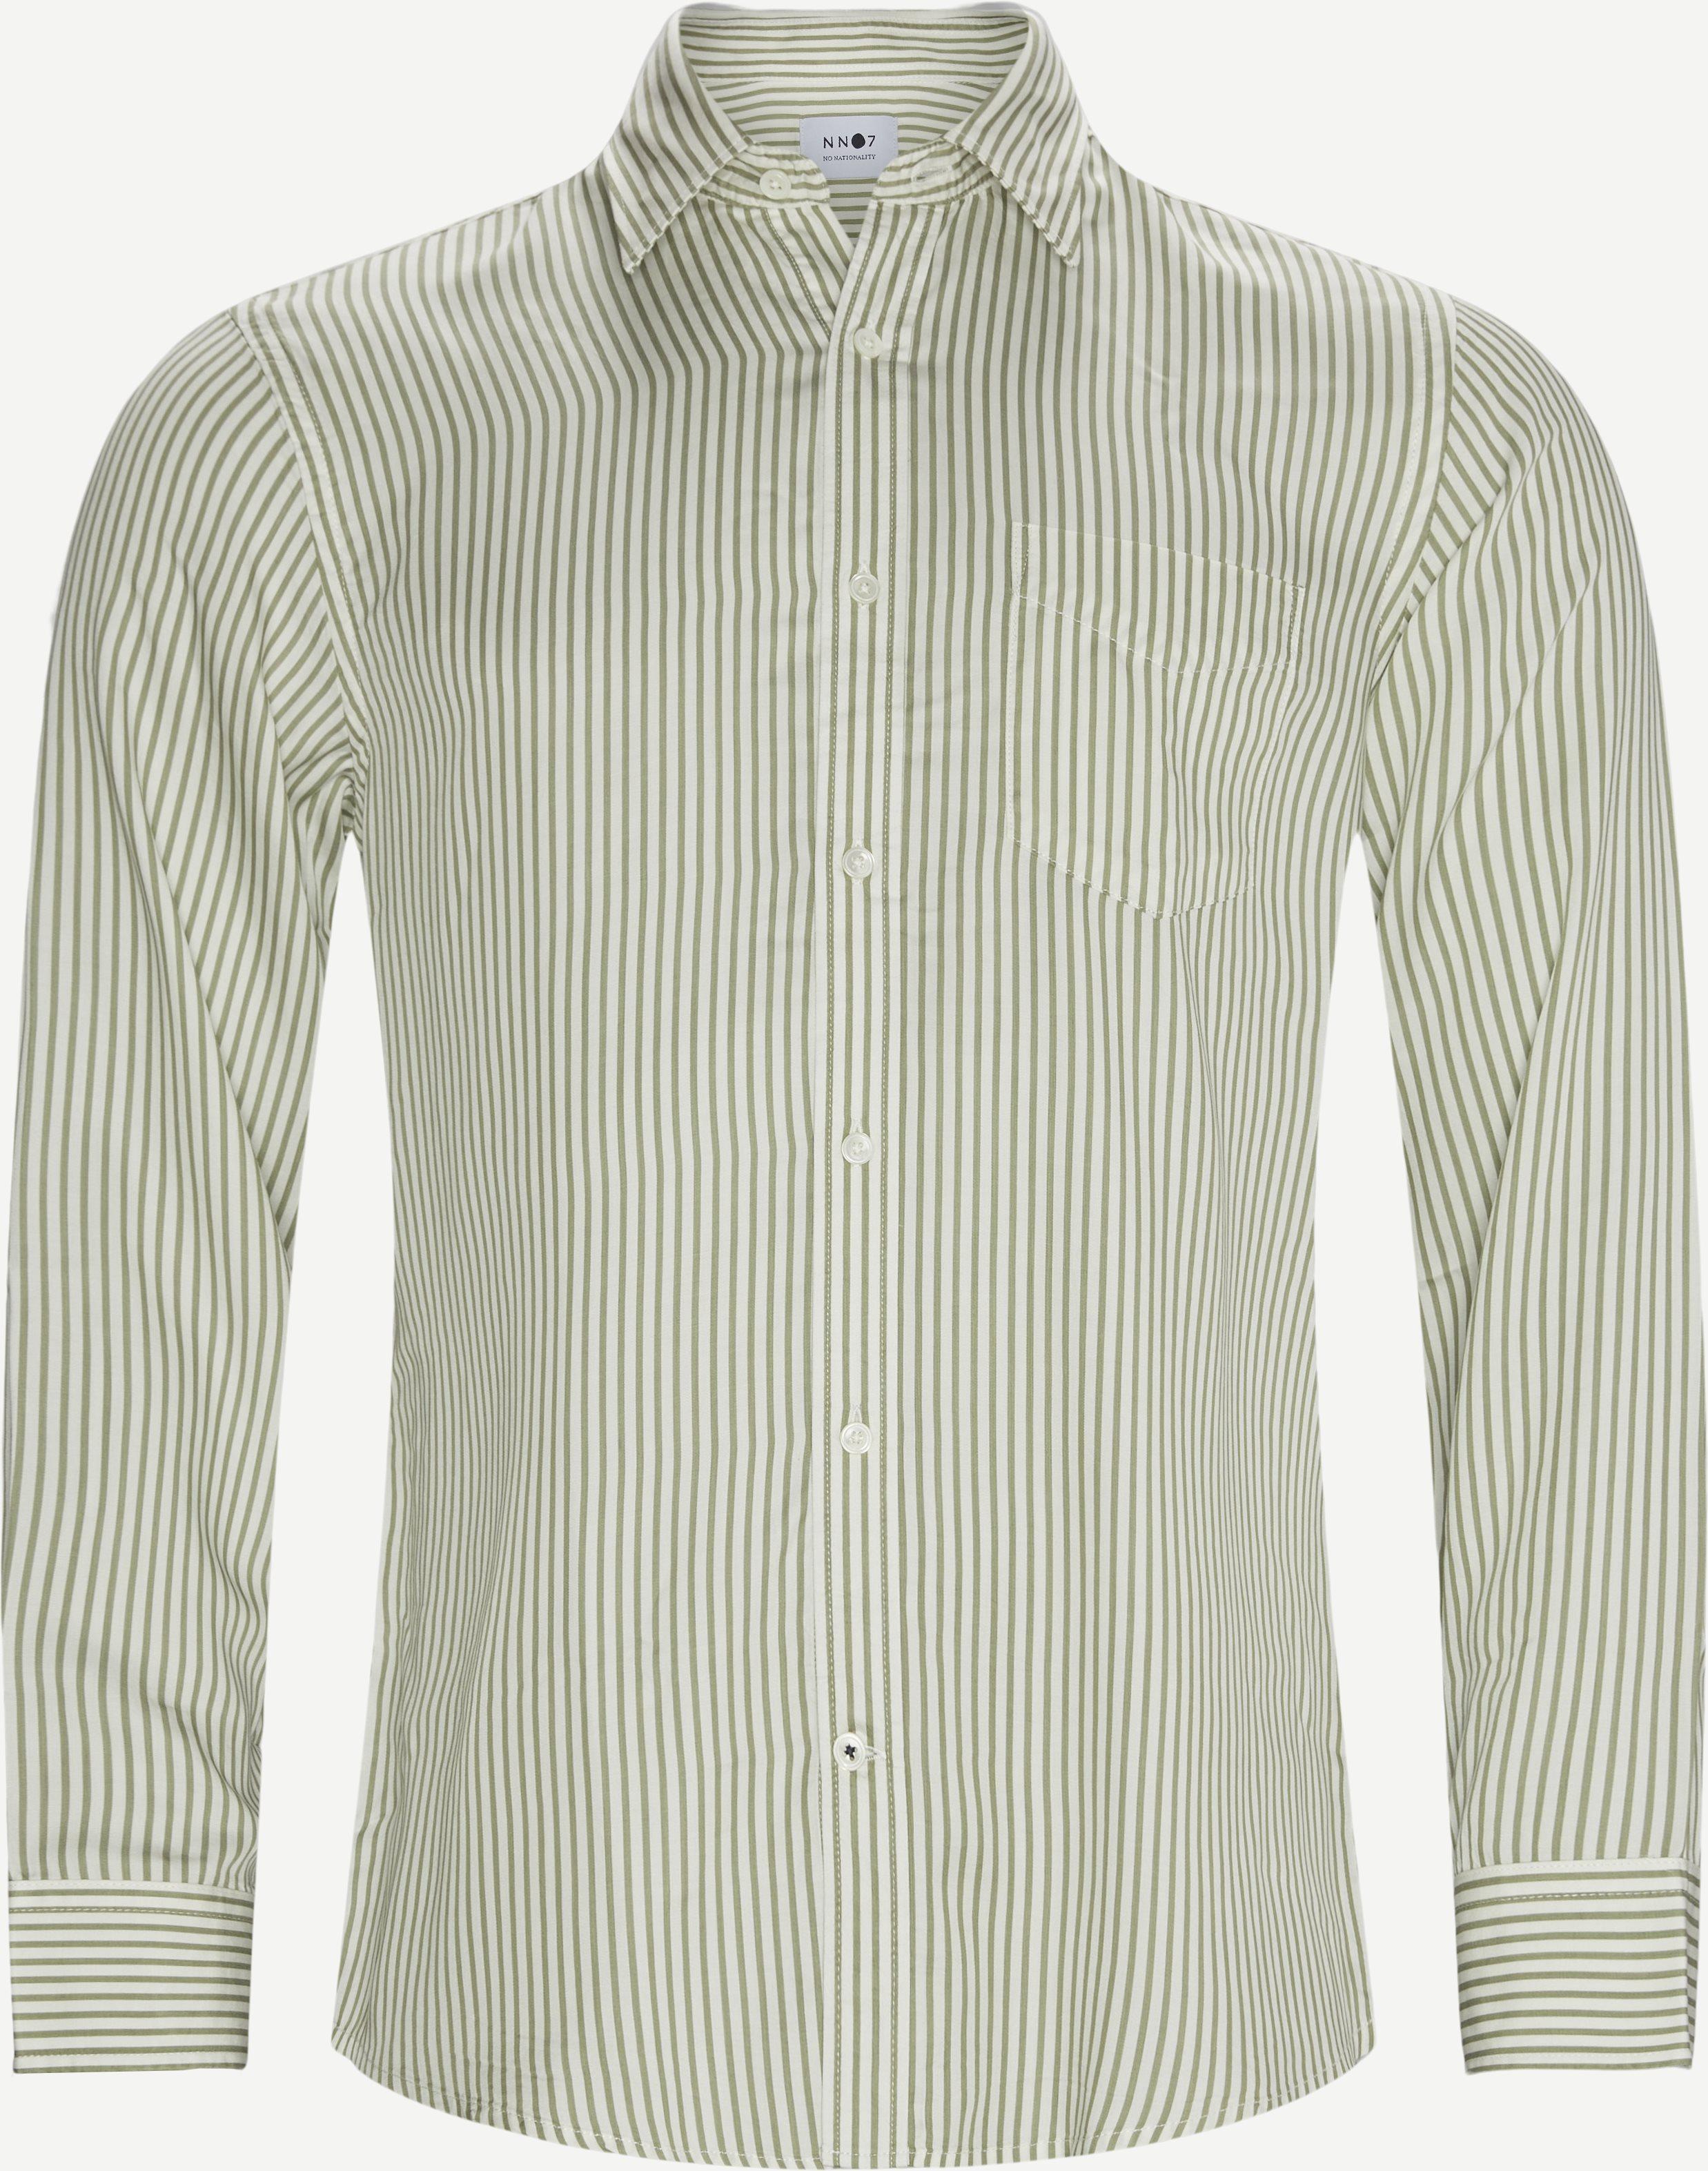 Errico Pocket Shirt - Skjortor - Regular fit - Grön